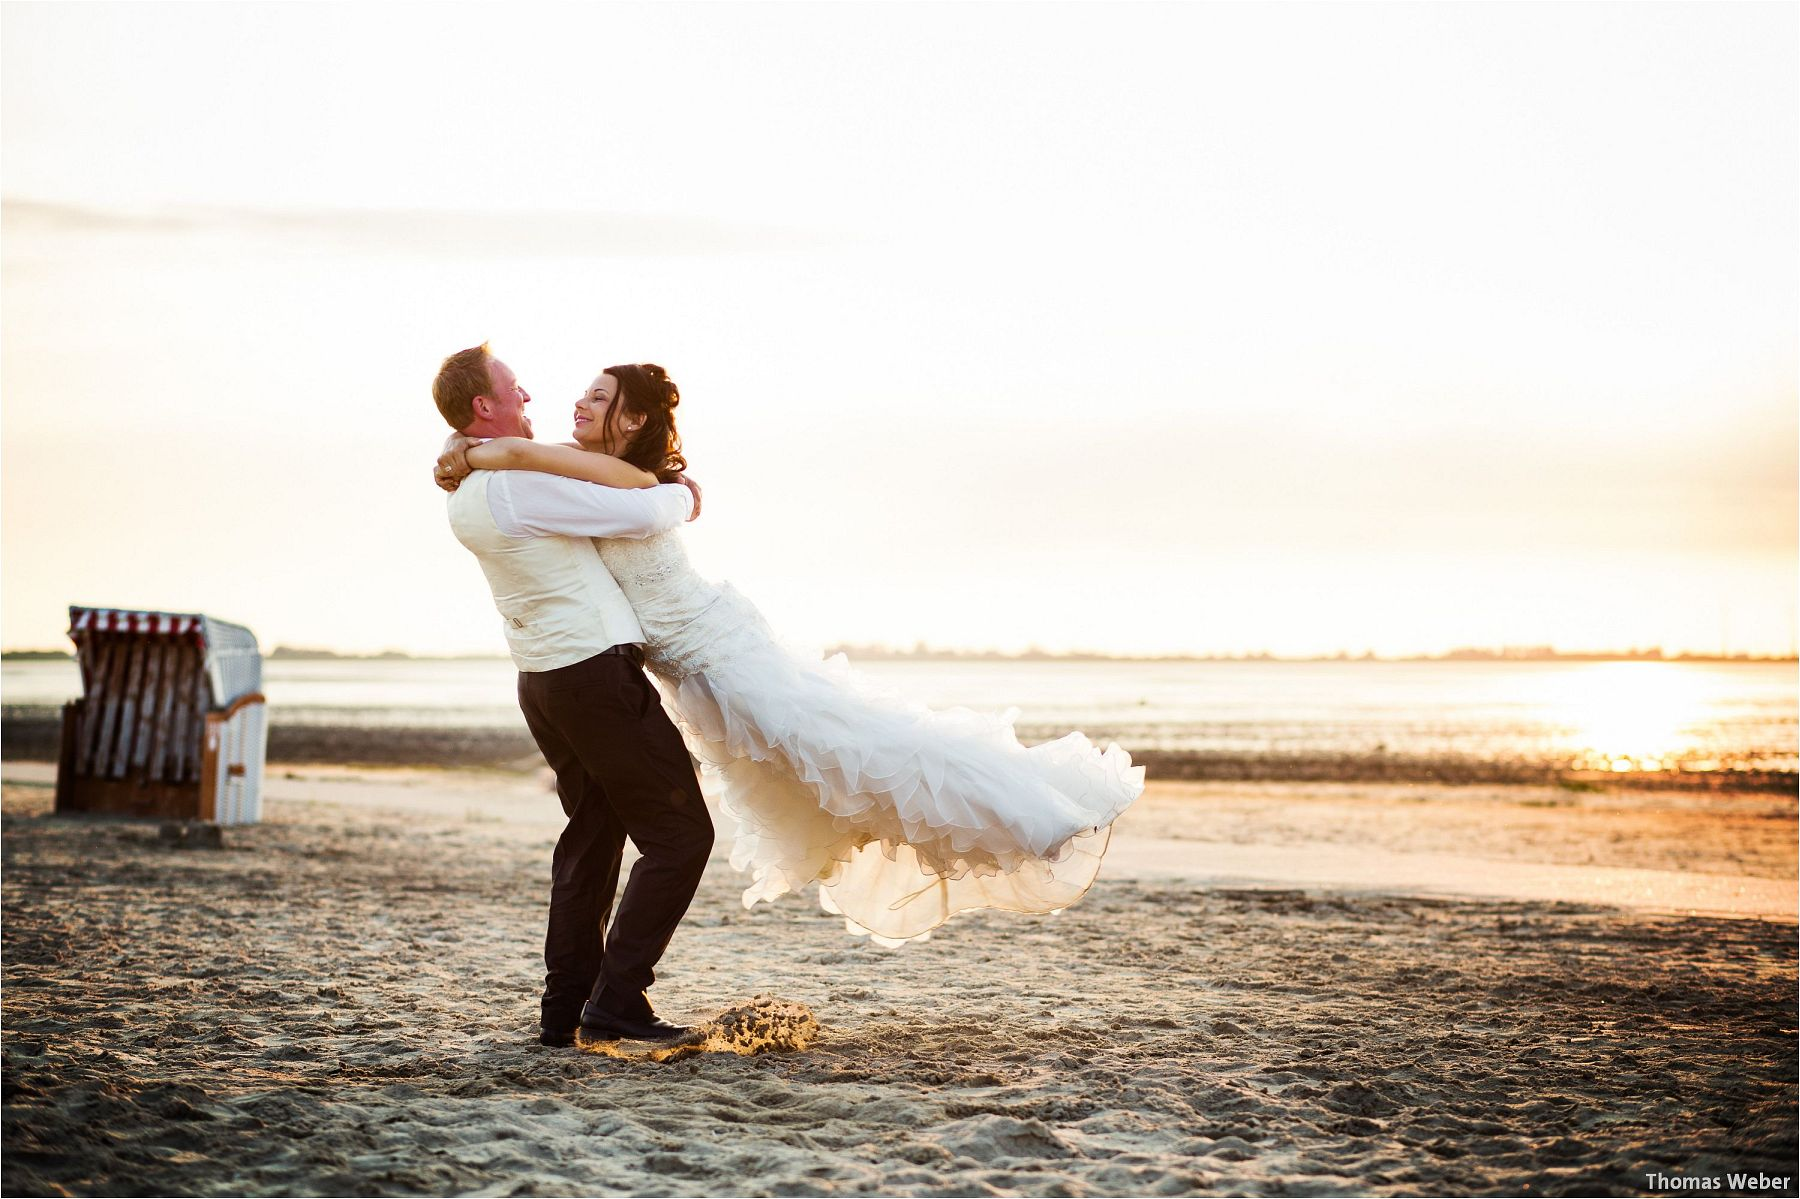 Hochzeitsfotograf Oldenburg: Hochzeitsportraits bei einem After Wedding Shooting am Nordsee-Strand von Dangast/Varel bei Sonnenuntergang (14)